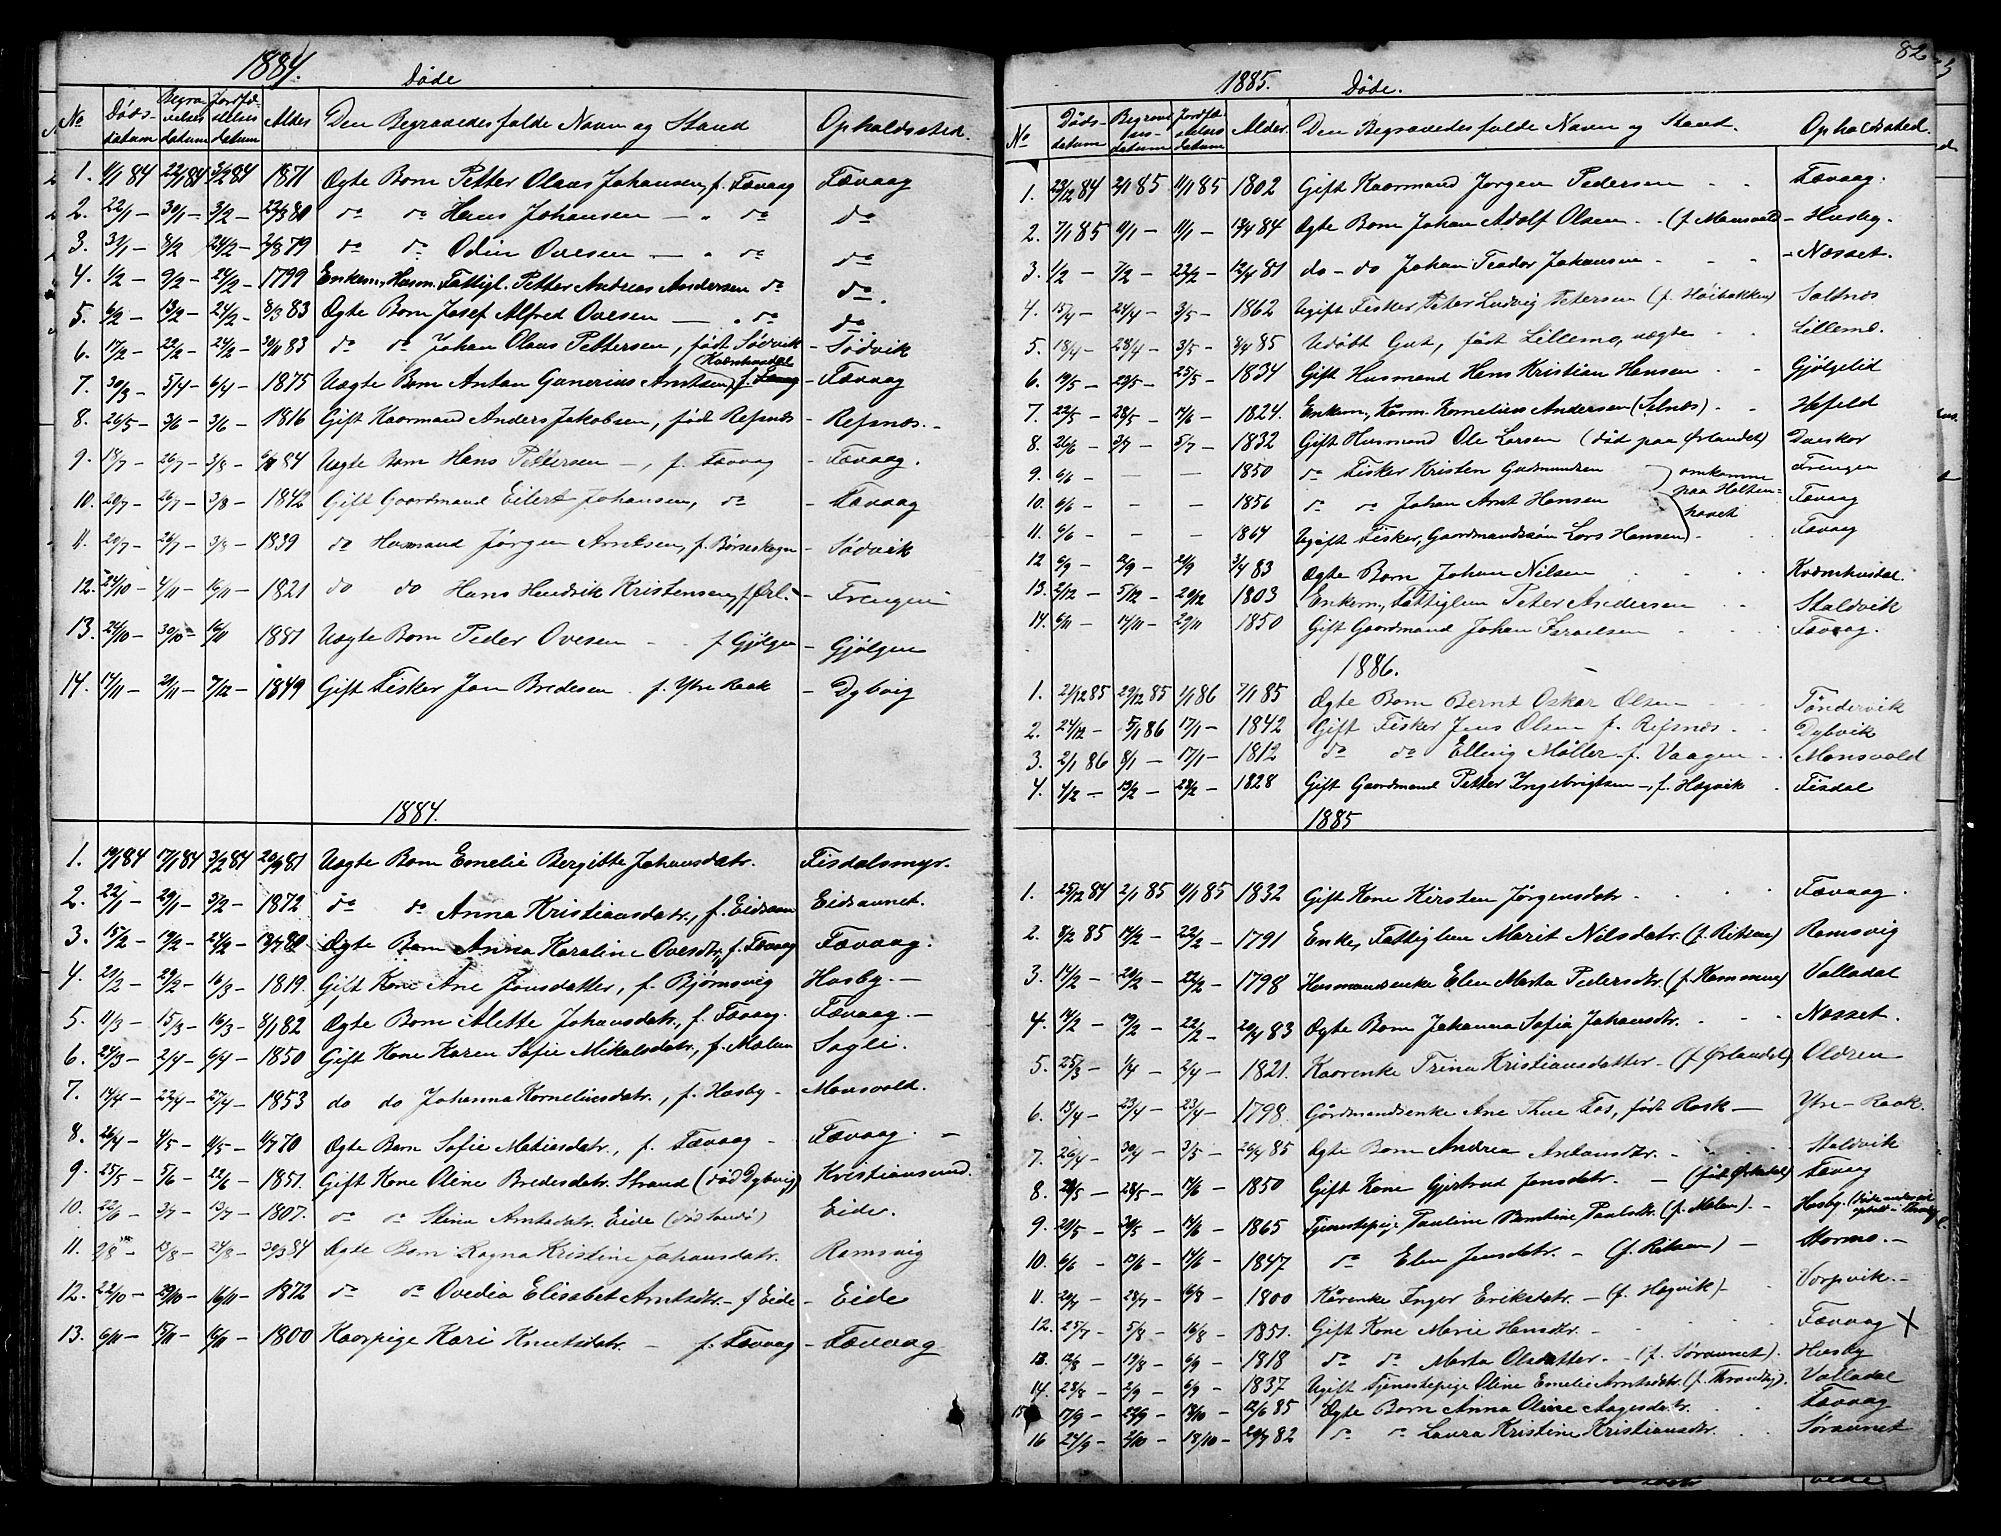 SAT, Ministerialprotokoller, klokkerbøker og fødselsregistre - Sør-Trøndelag, 653/L0657: Klokkerbok nr. 653C01, 1866-1893, s. 82